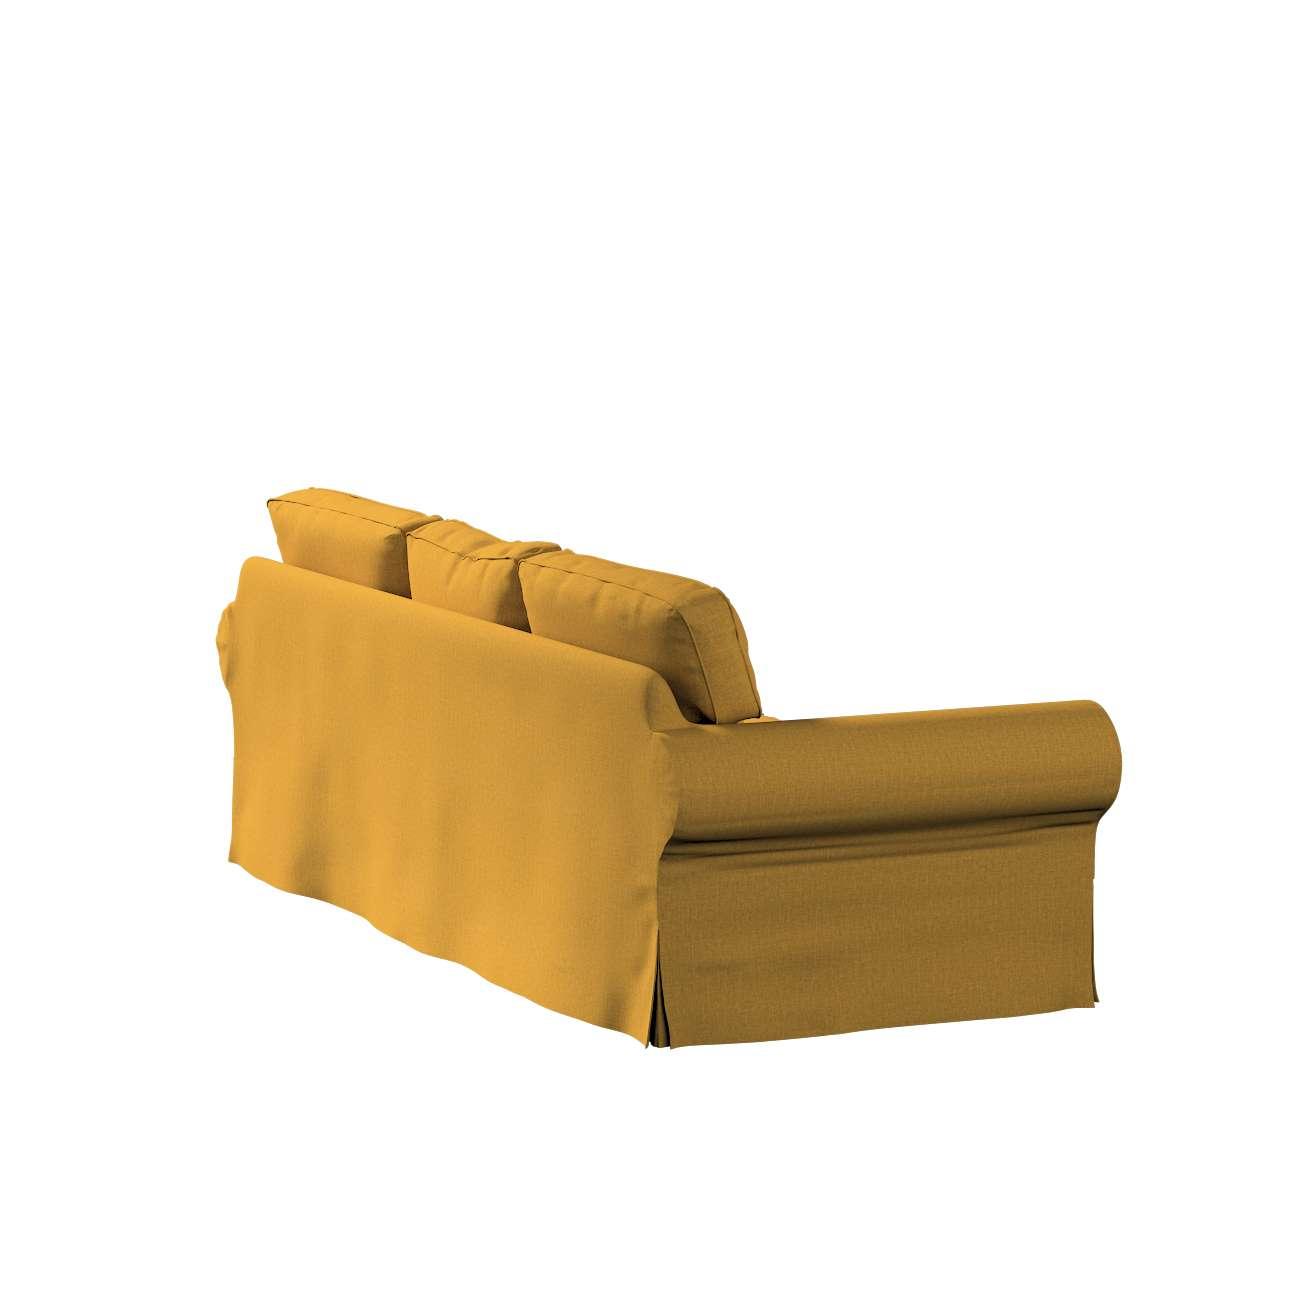 Pokrowiec na sofę Ektorp 3-osobową, rozkładaną, PIXBO w kolekcji City, tkanina: 704-82